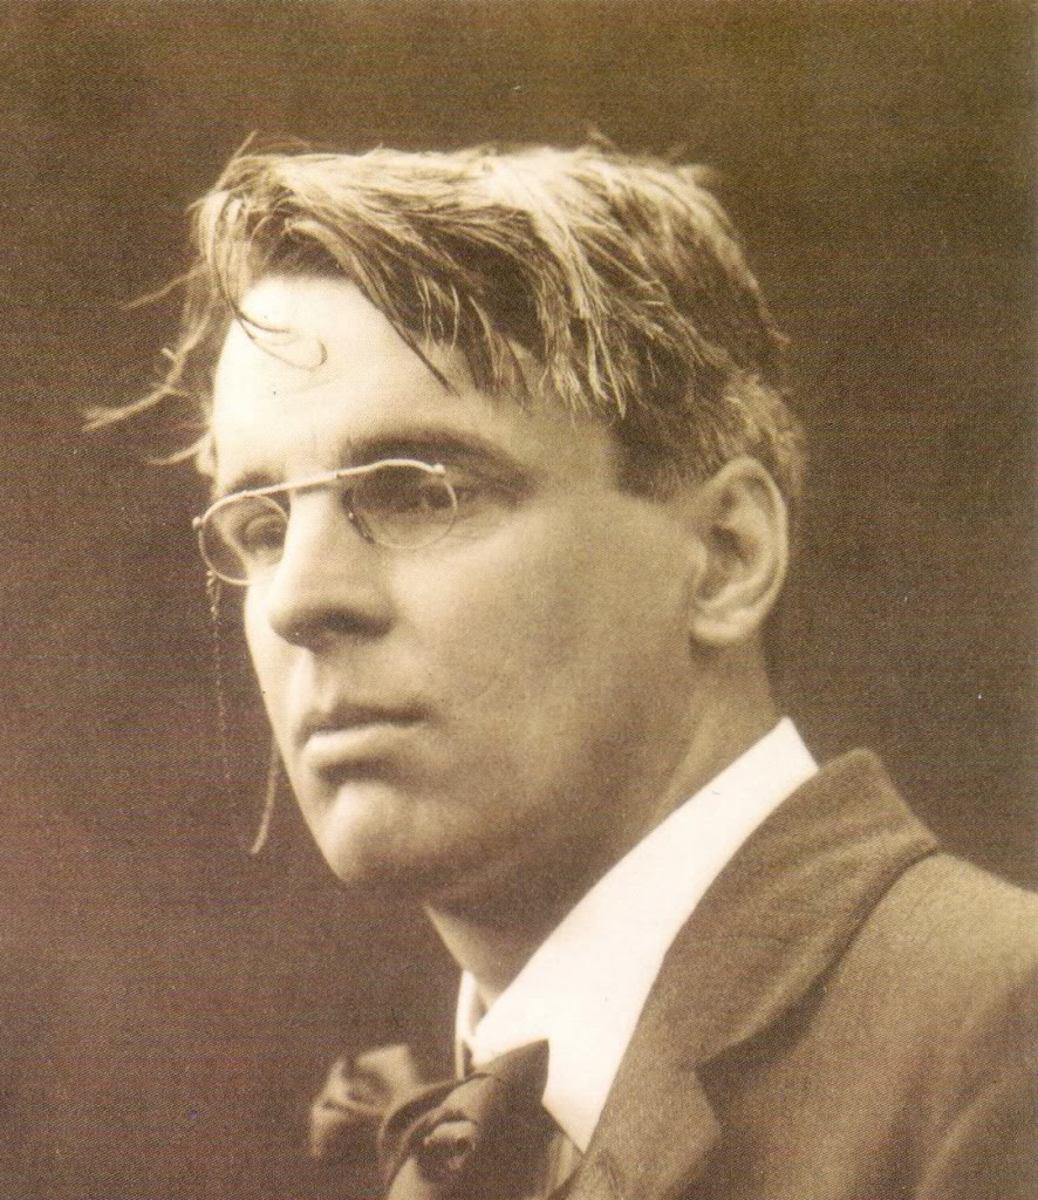 William Butler Yeats (13 June 1865 – 28 January 1939)